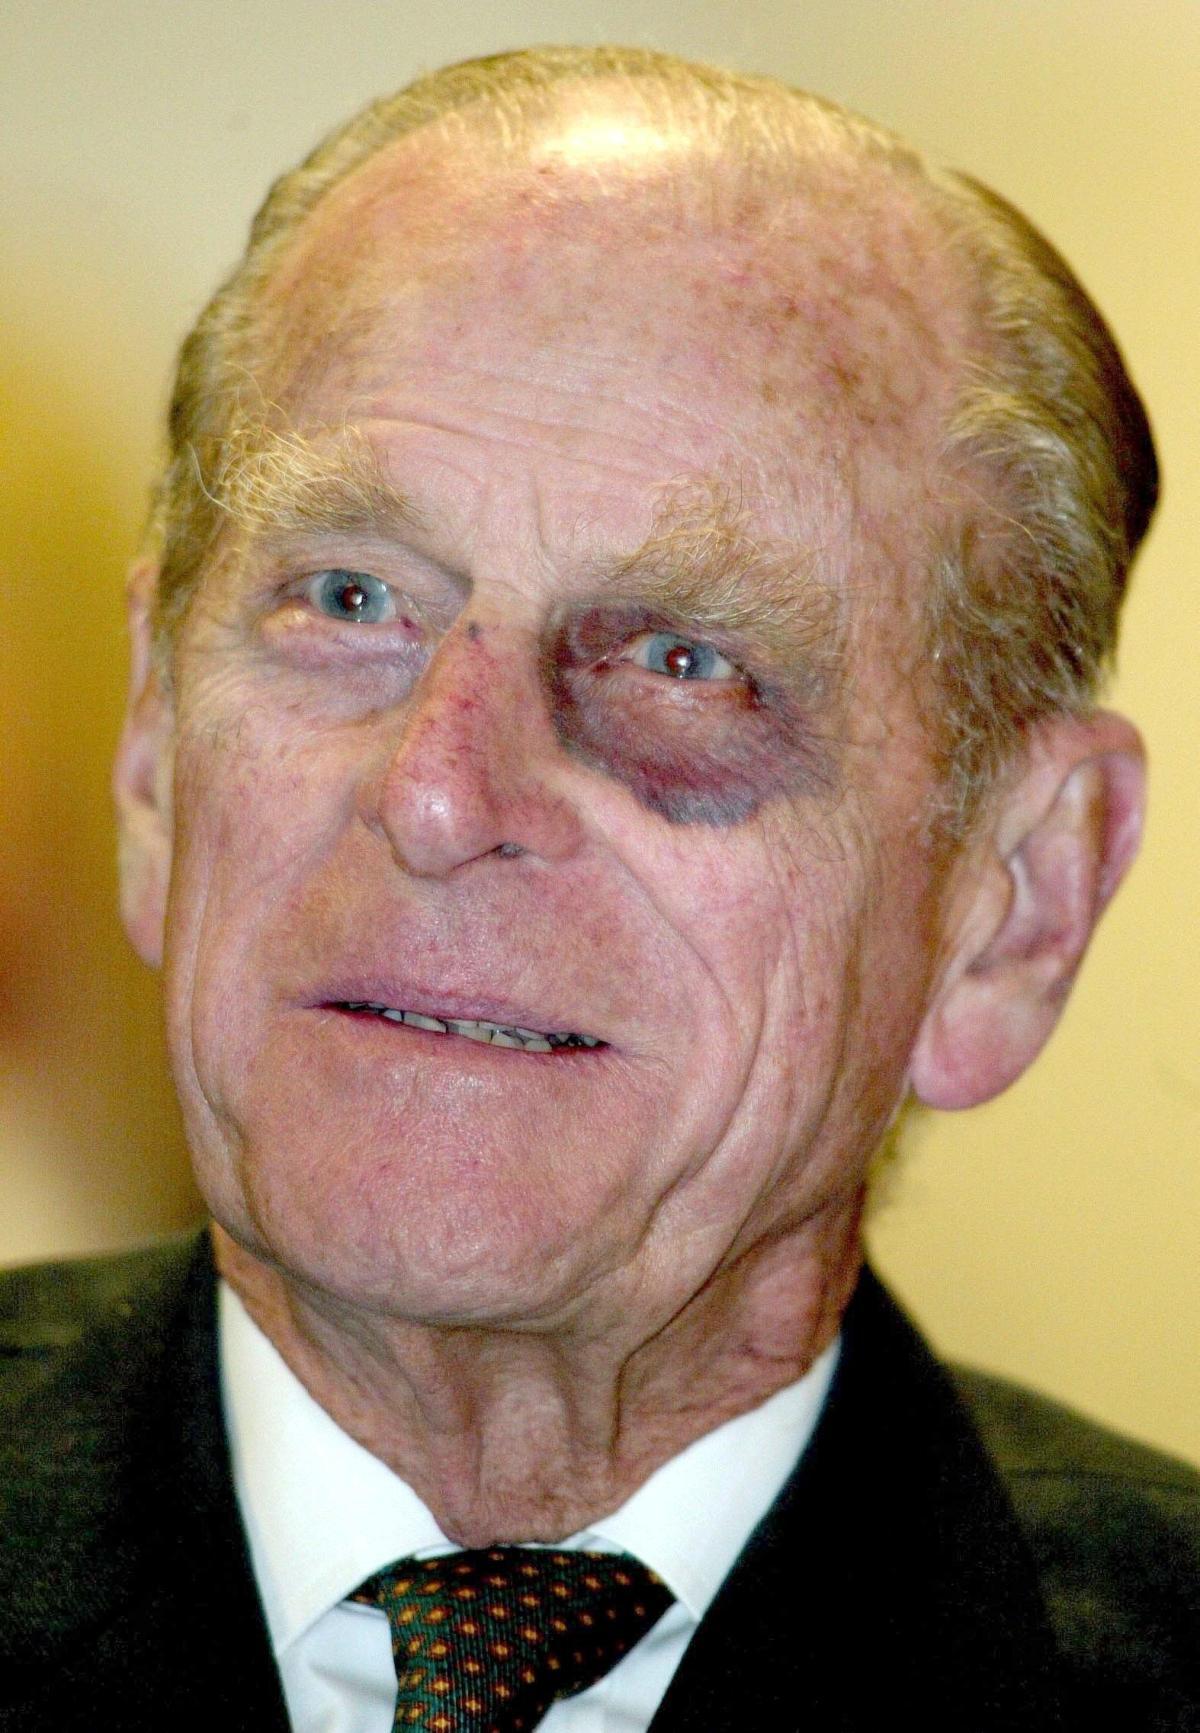 Принц Фили́пп Маунтбеттен, ге́рцог Эдинбу́ргский с синяком под глазом